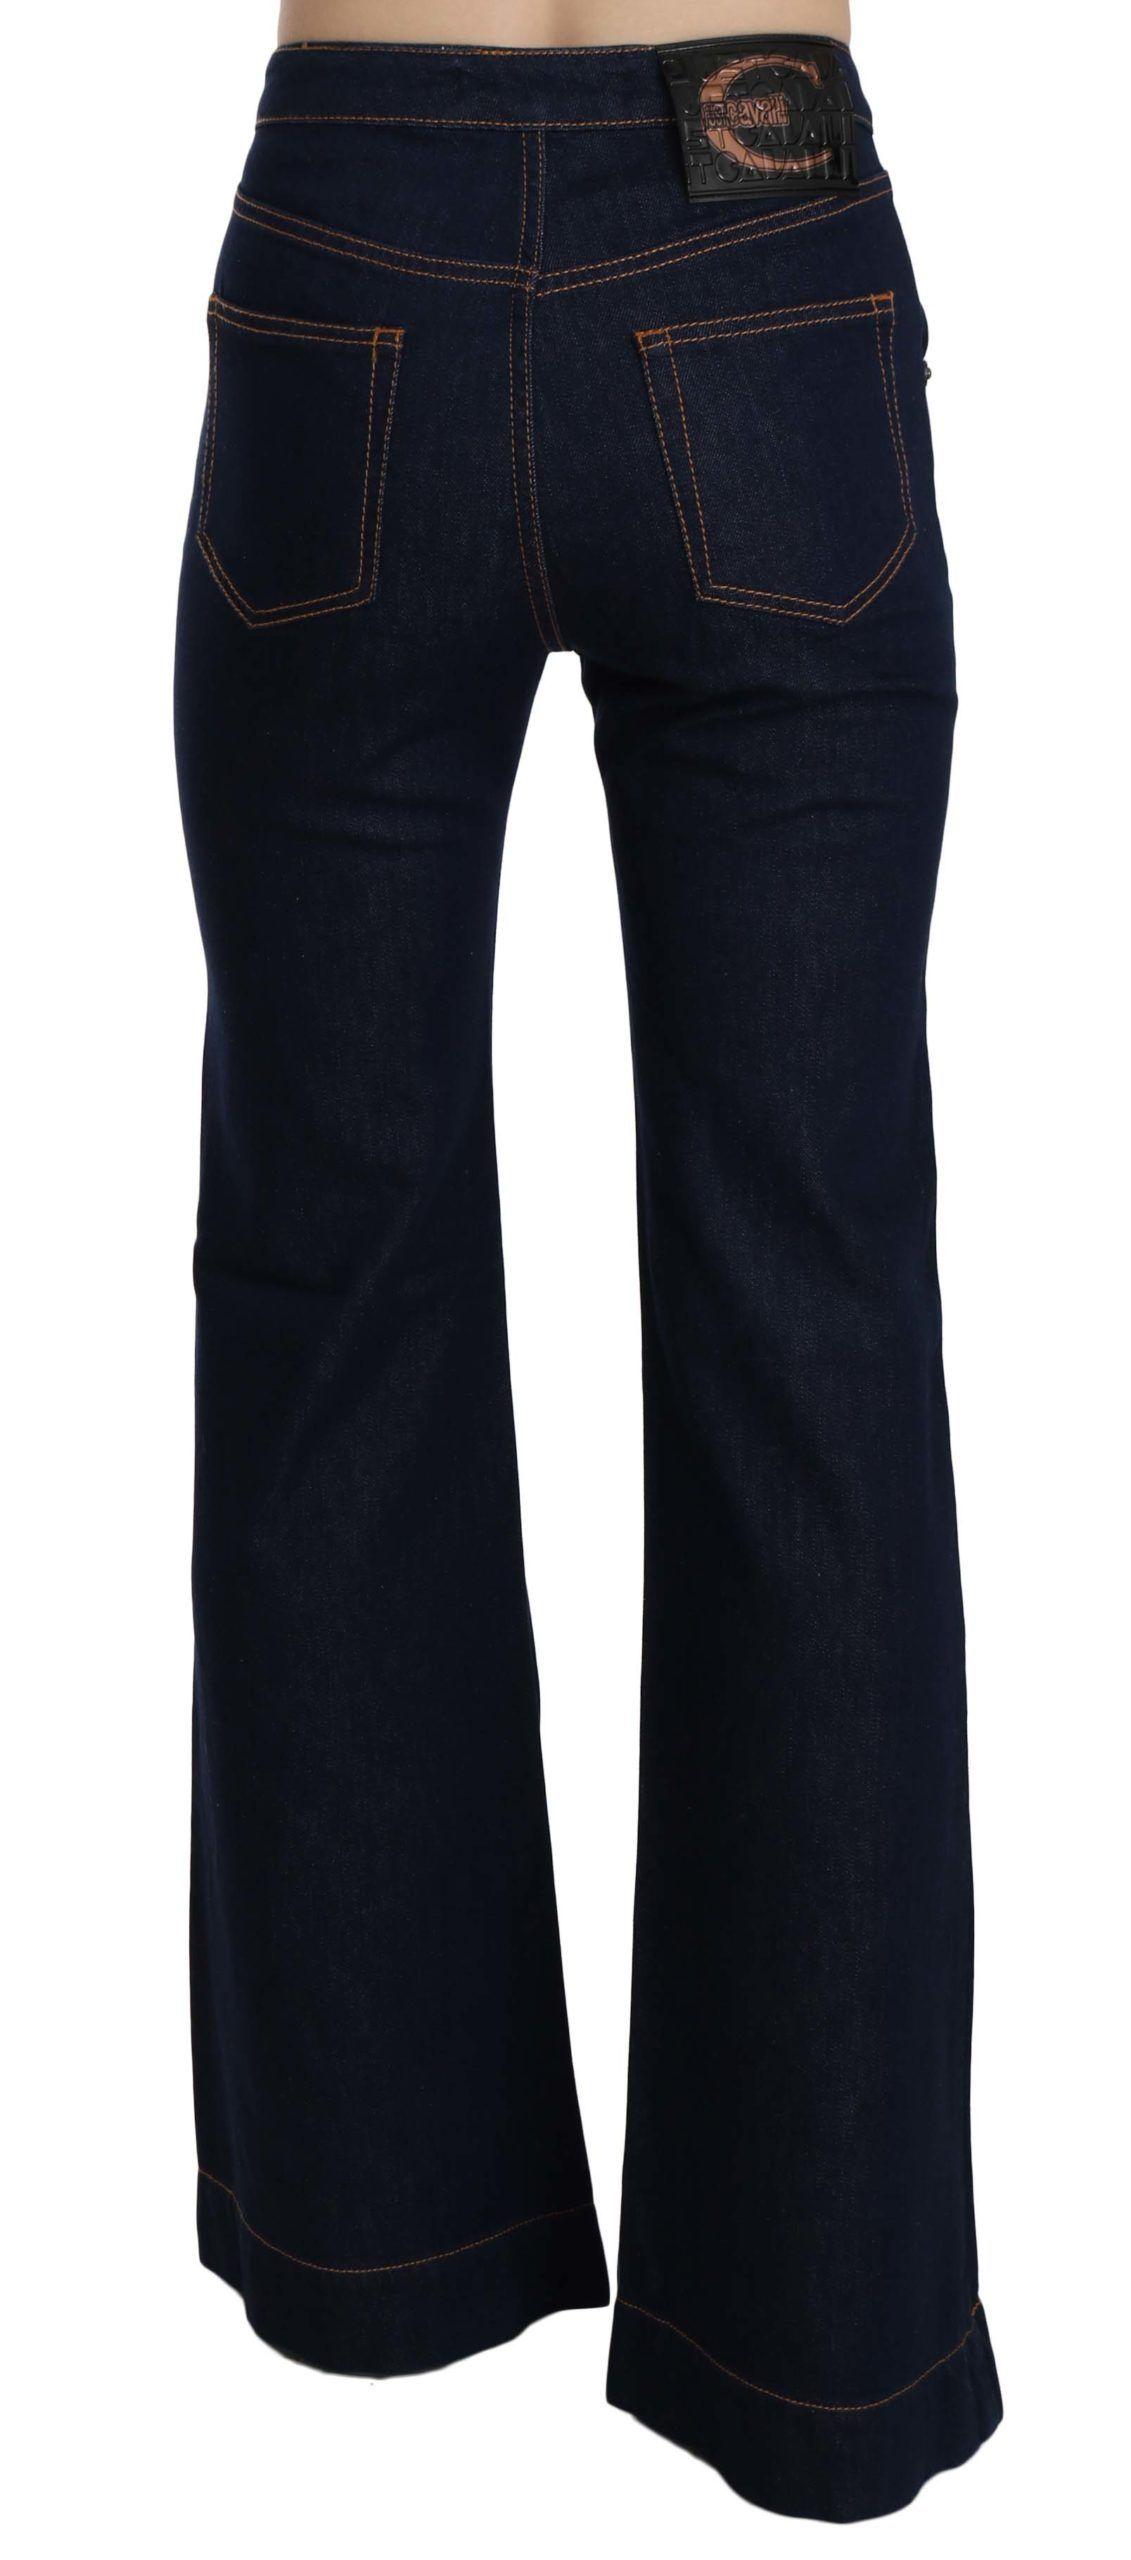 Just Cavalli Blue High Waist Cotton Boot Cut Denim Pants